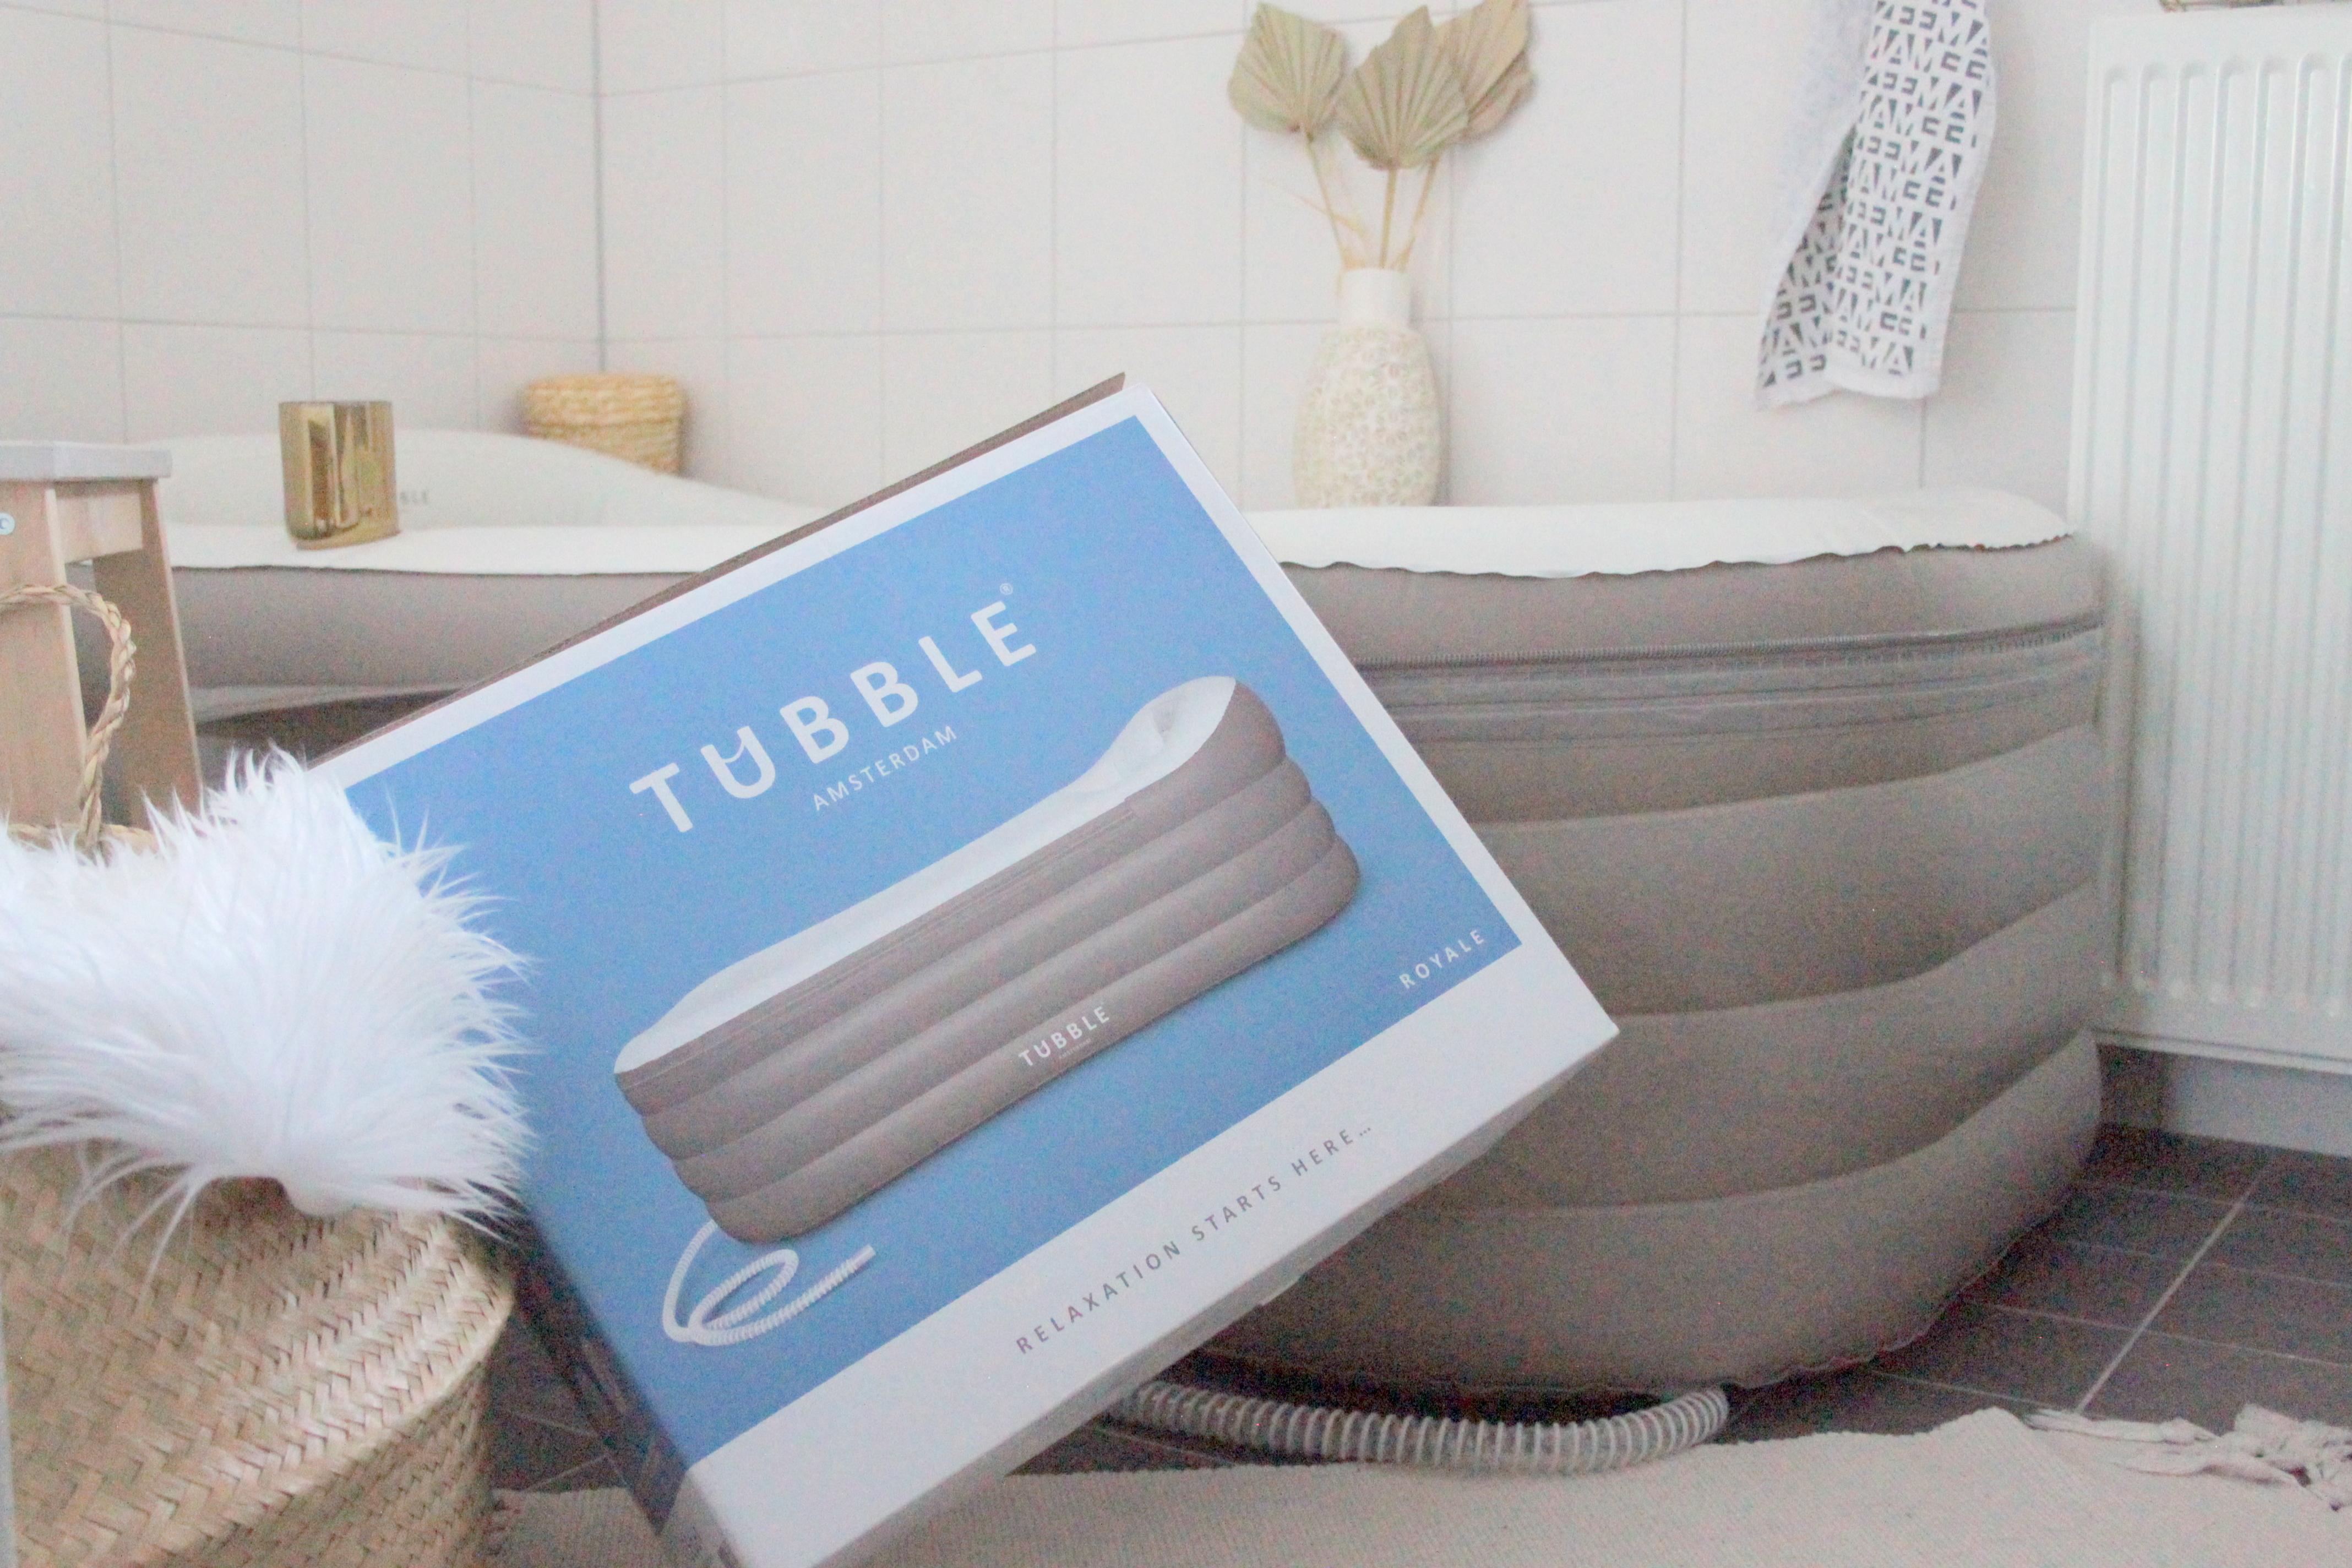 Tubbler Opblaasbaar Ligbad